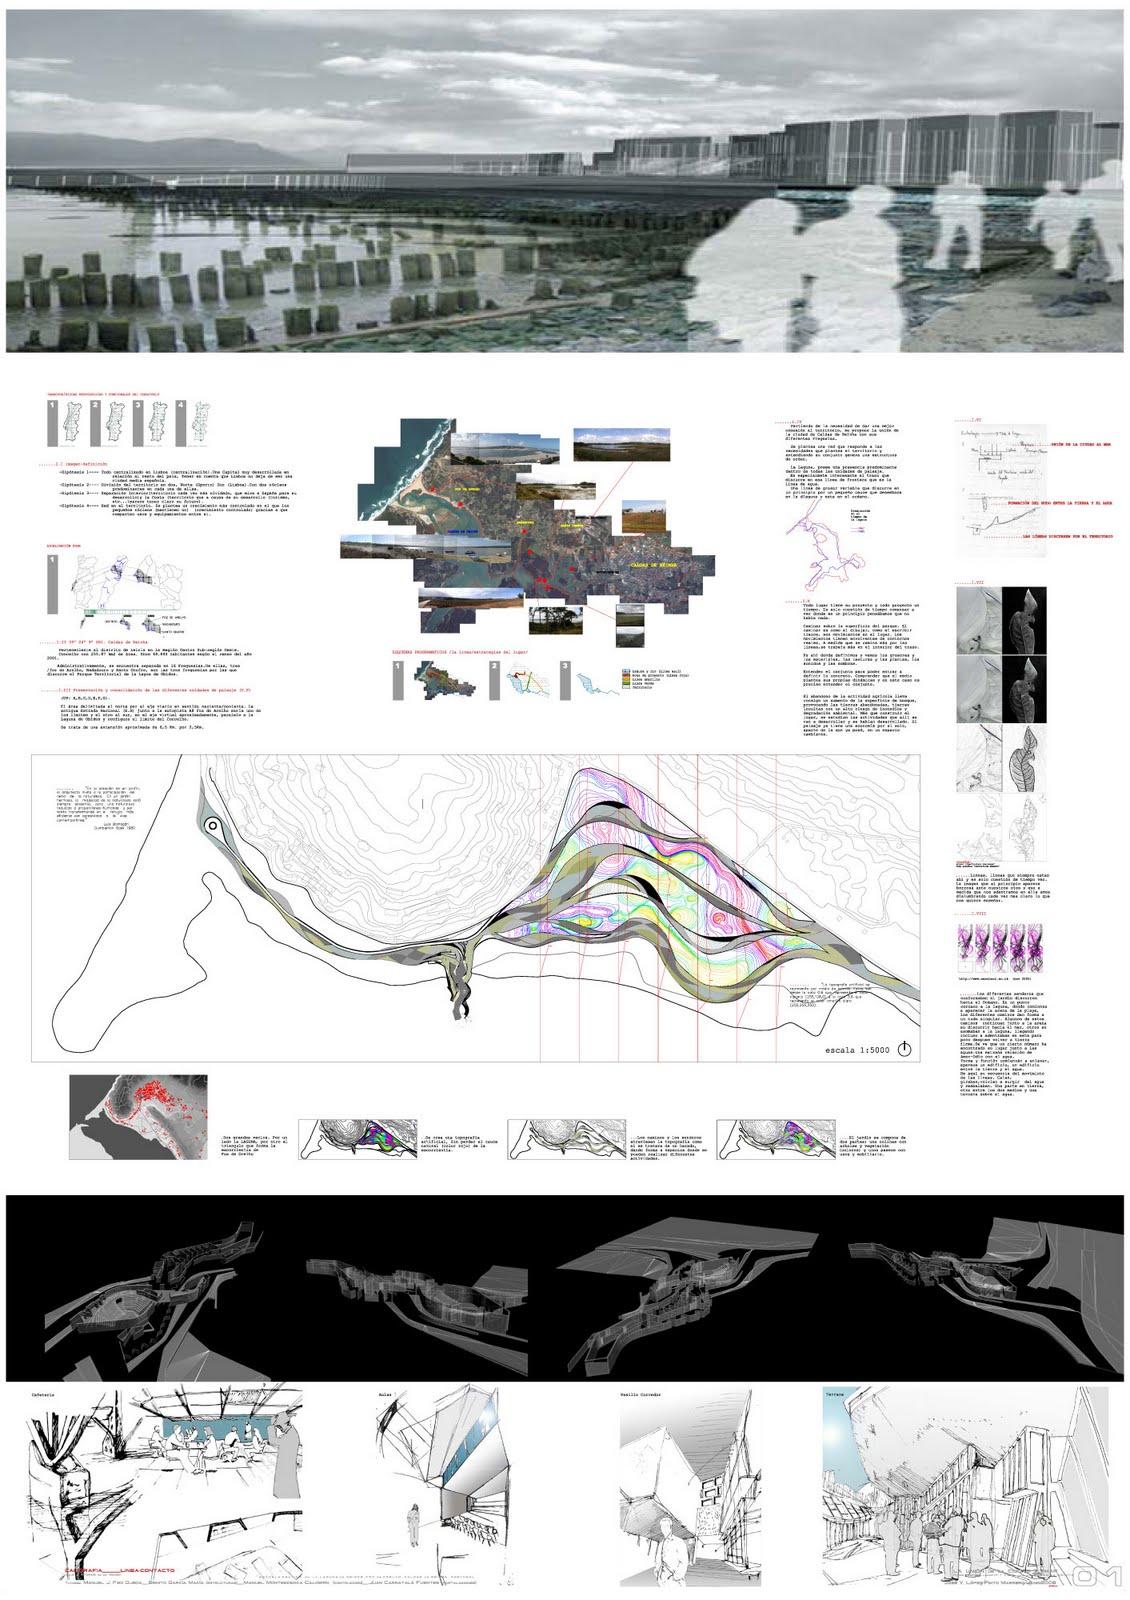 Todo sobre arquitectura mayo 2010 for Todo sobre arquitectura